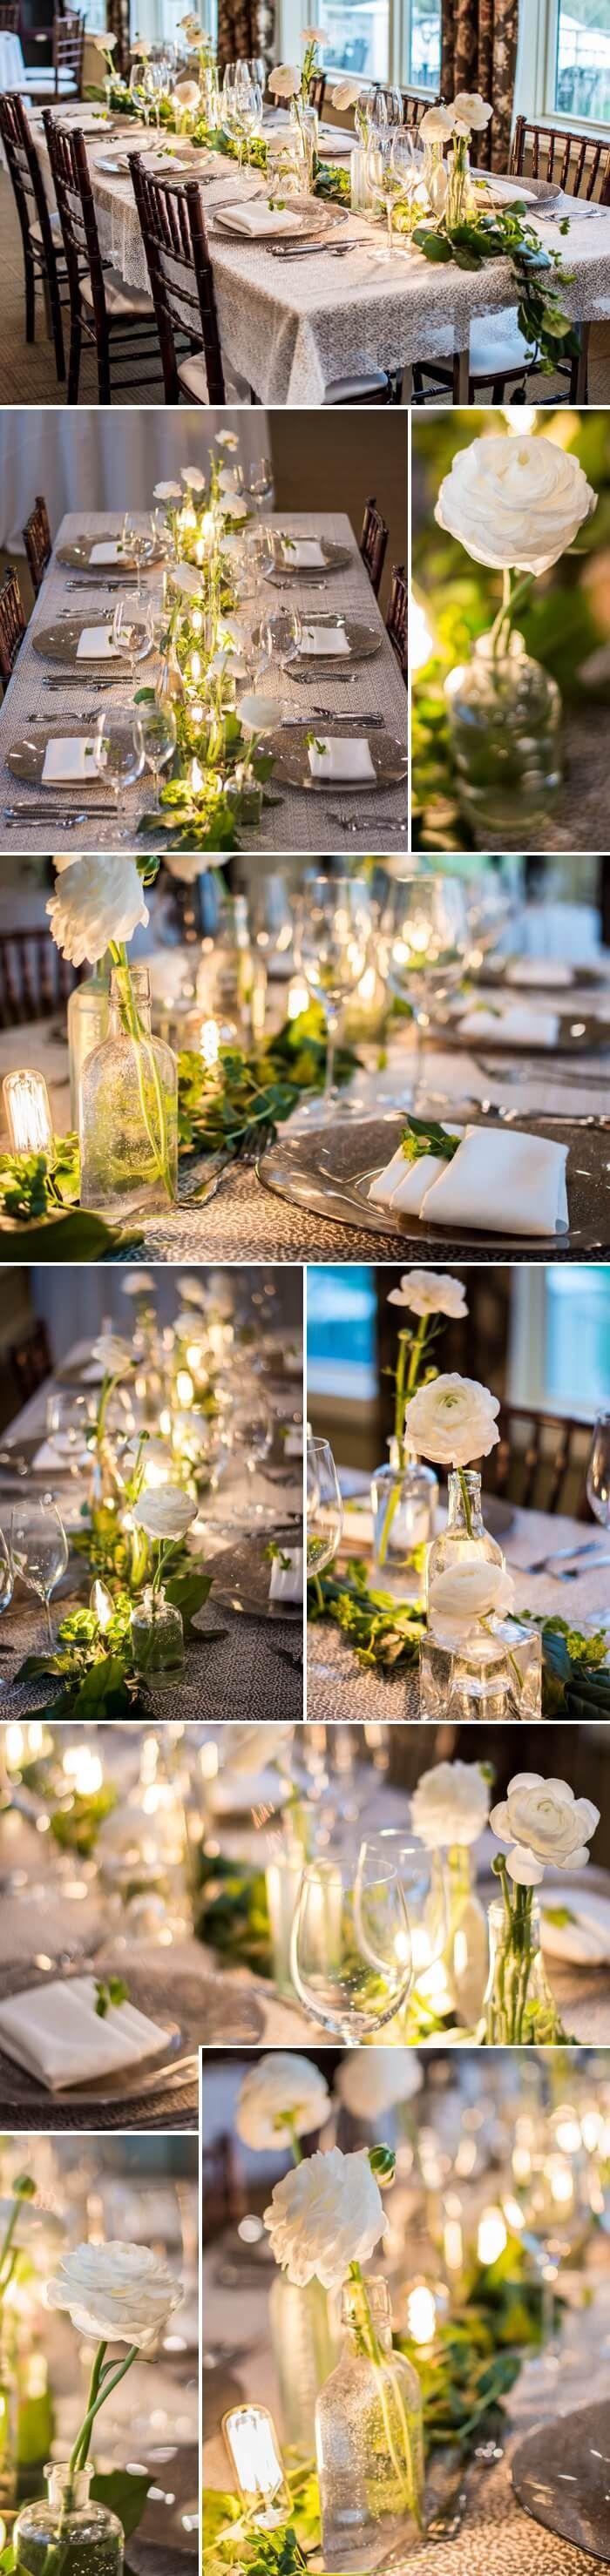 247 besten Tischdeko Bilder auf Pinterest